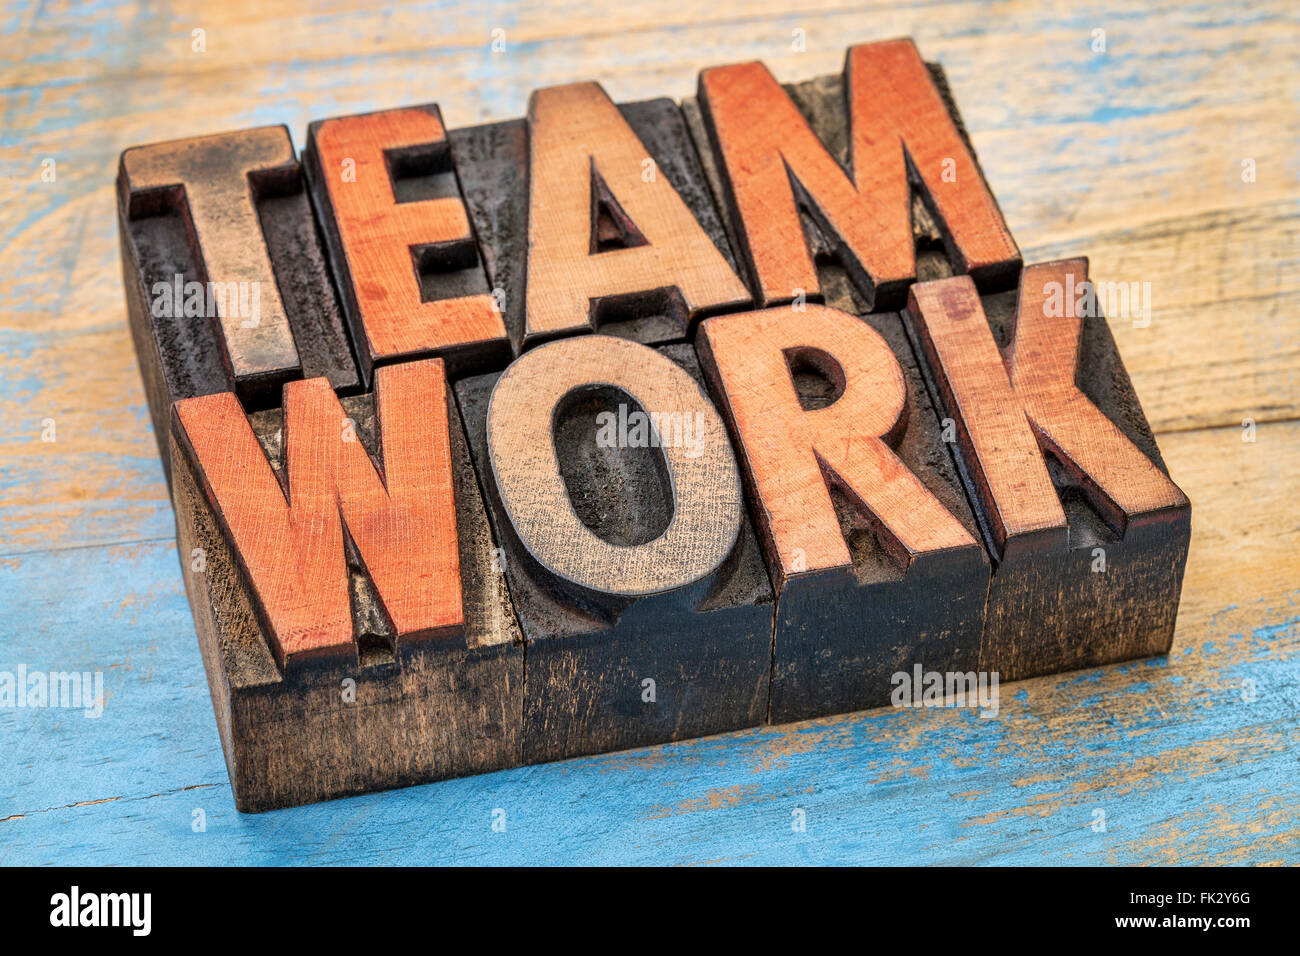 Le travail d'équipe word abstract dans la typographie vintage type bois souillé par des blocs d'impression Photo Stock